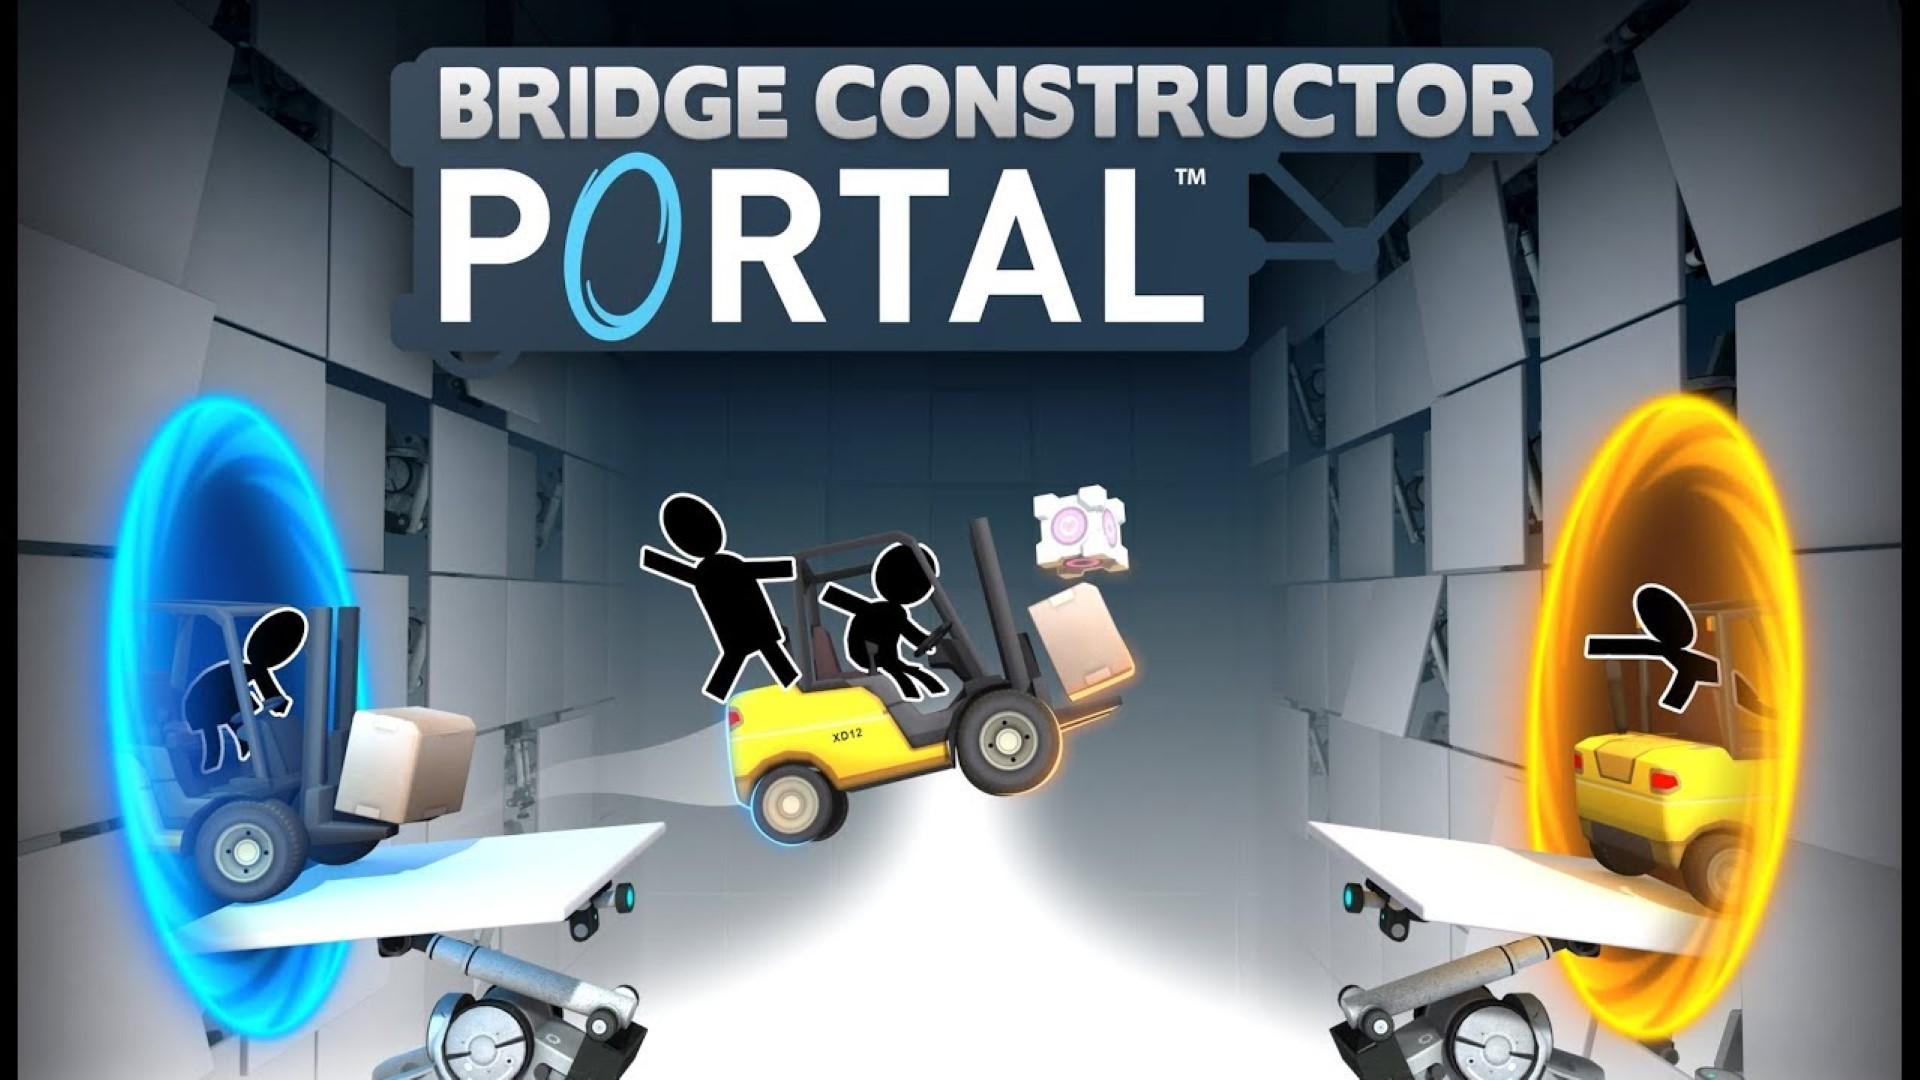 Состоялся релиз Bridge Constructor Portal. Представлен новый геймплейный трейлер